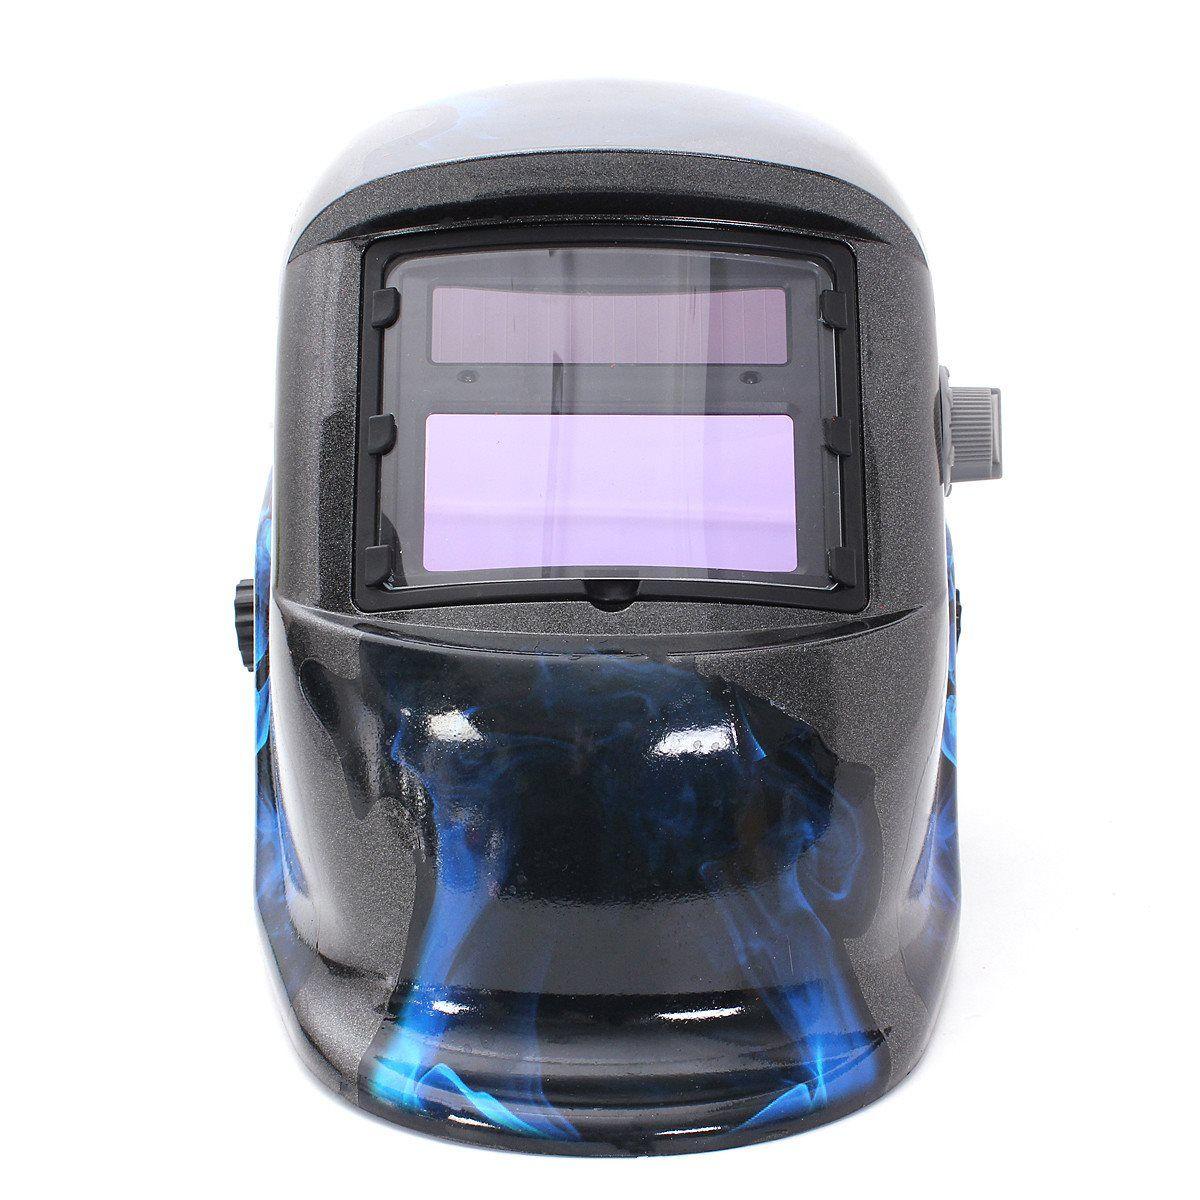 Heißer Verkauf Pro Solar Schweißen Maske Auto Verdunkelung Schweißhelm Blau Schädel Stil ARC TIG MIG Schweißhelm